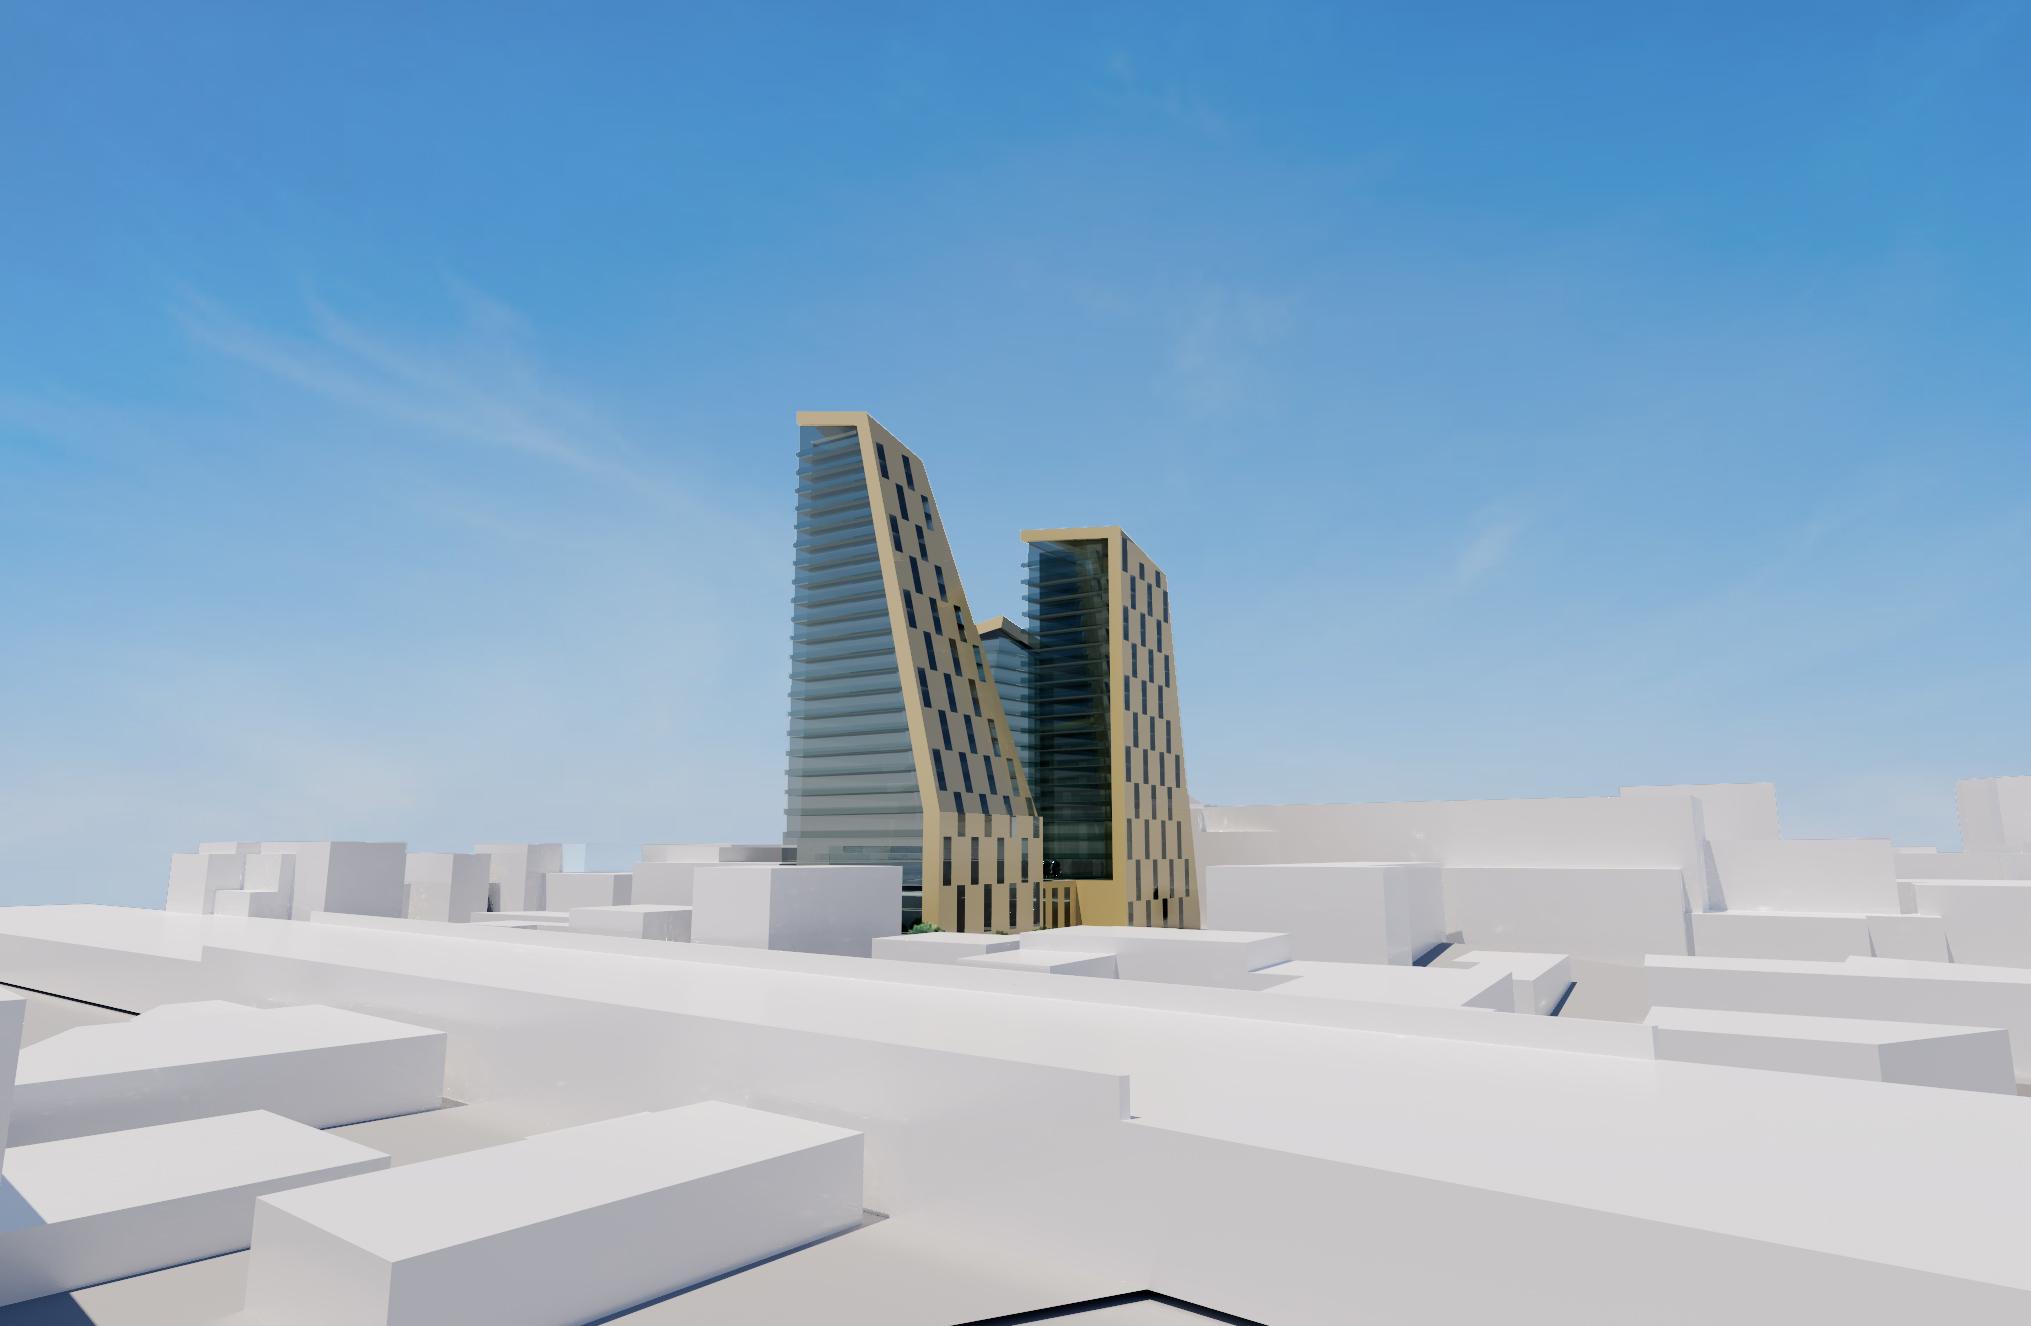 3D design proposal of residential apartment blocks for Romford Development